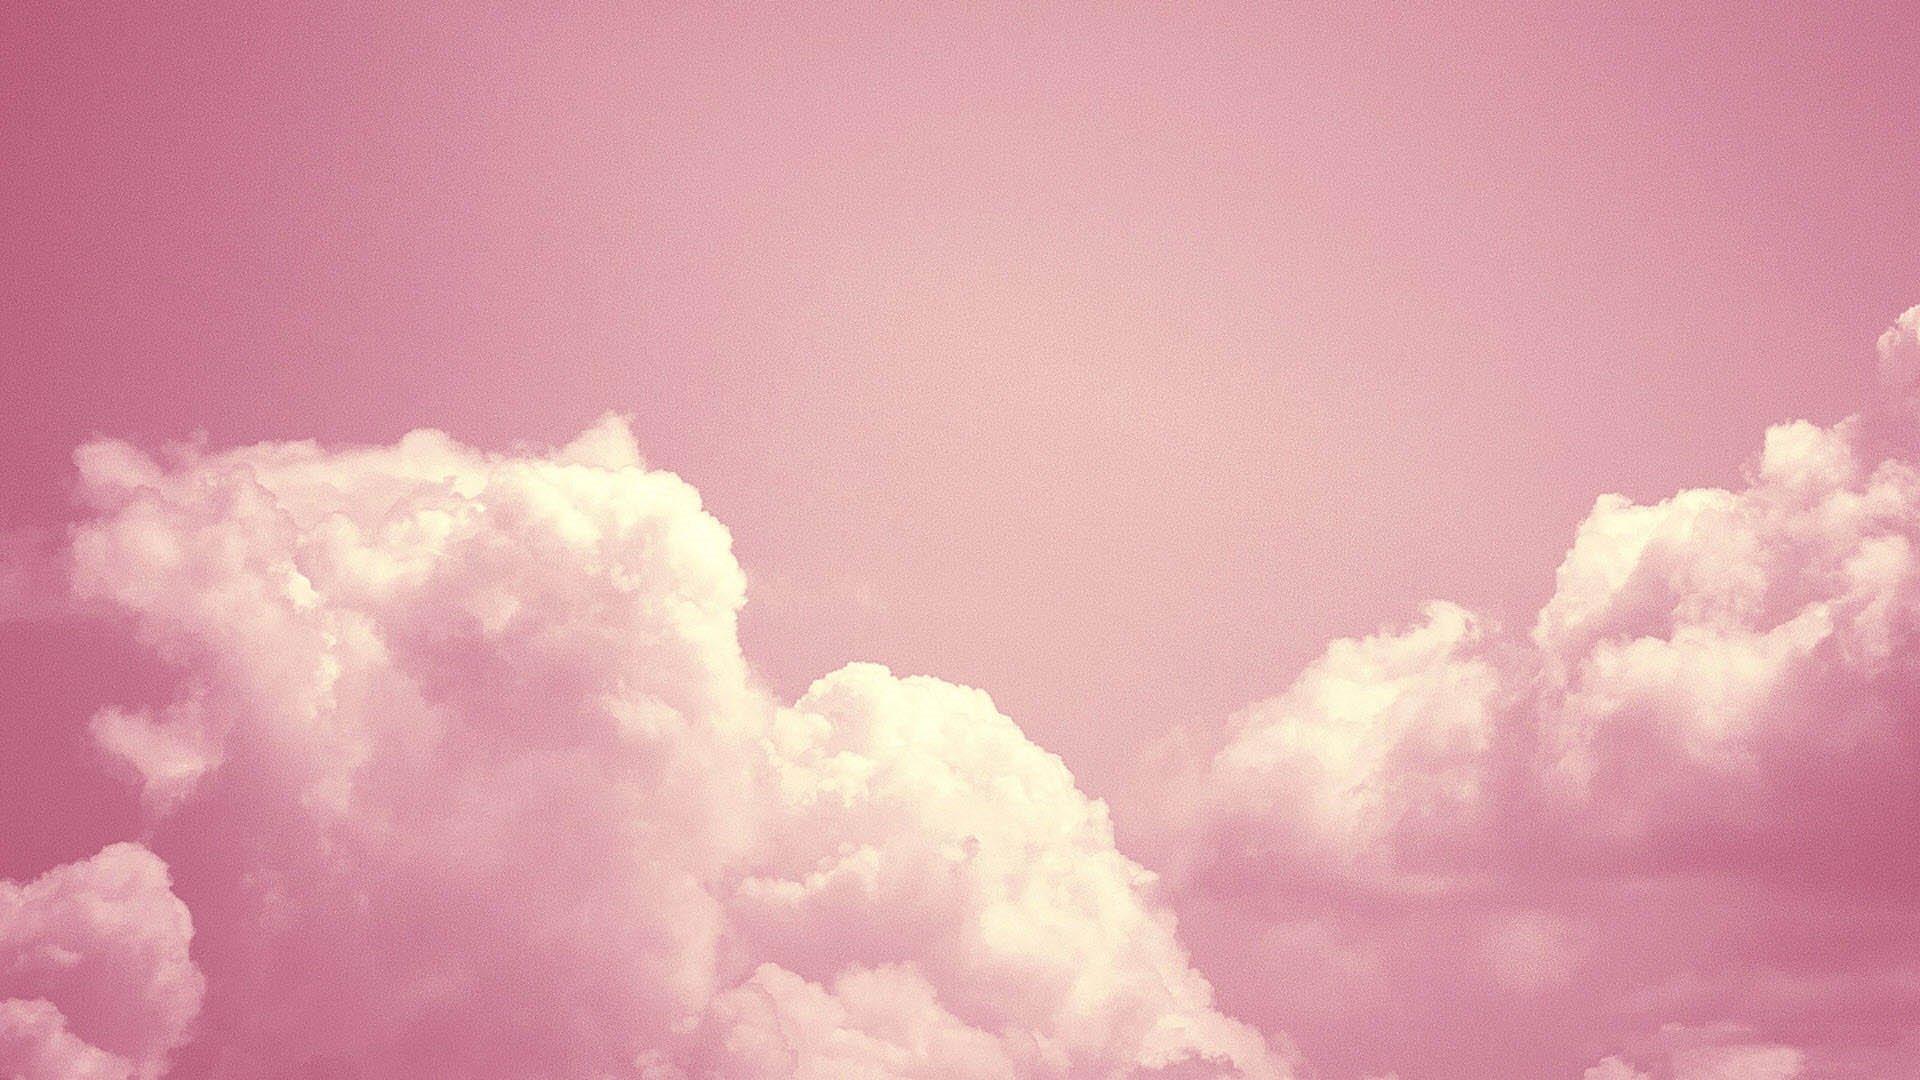 Pastel Pink Wallpaper Download Full